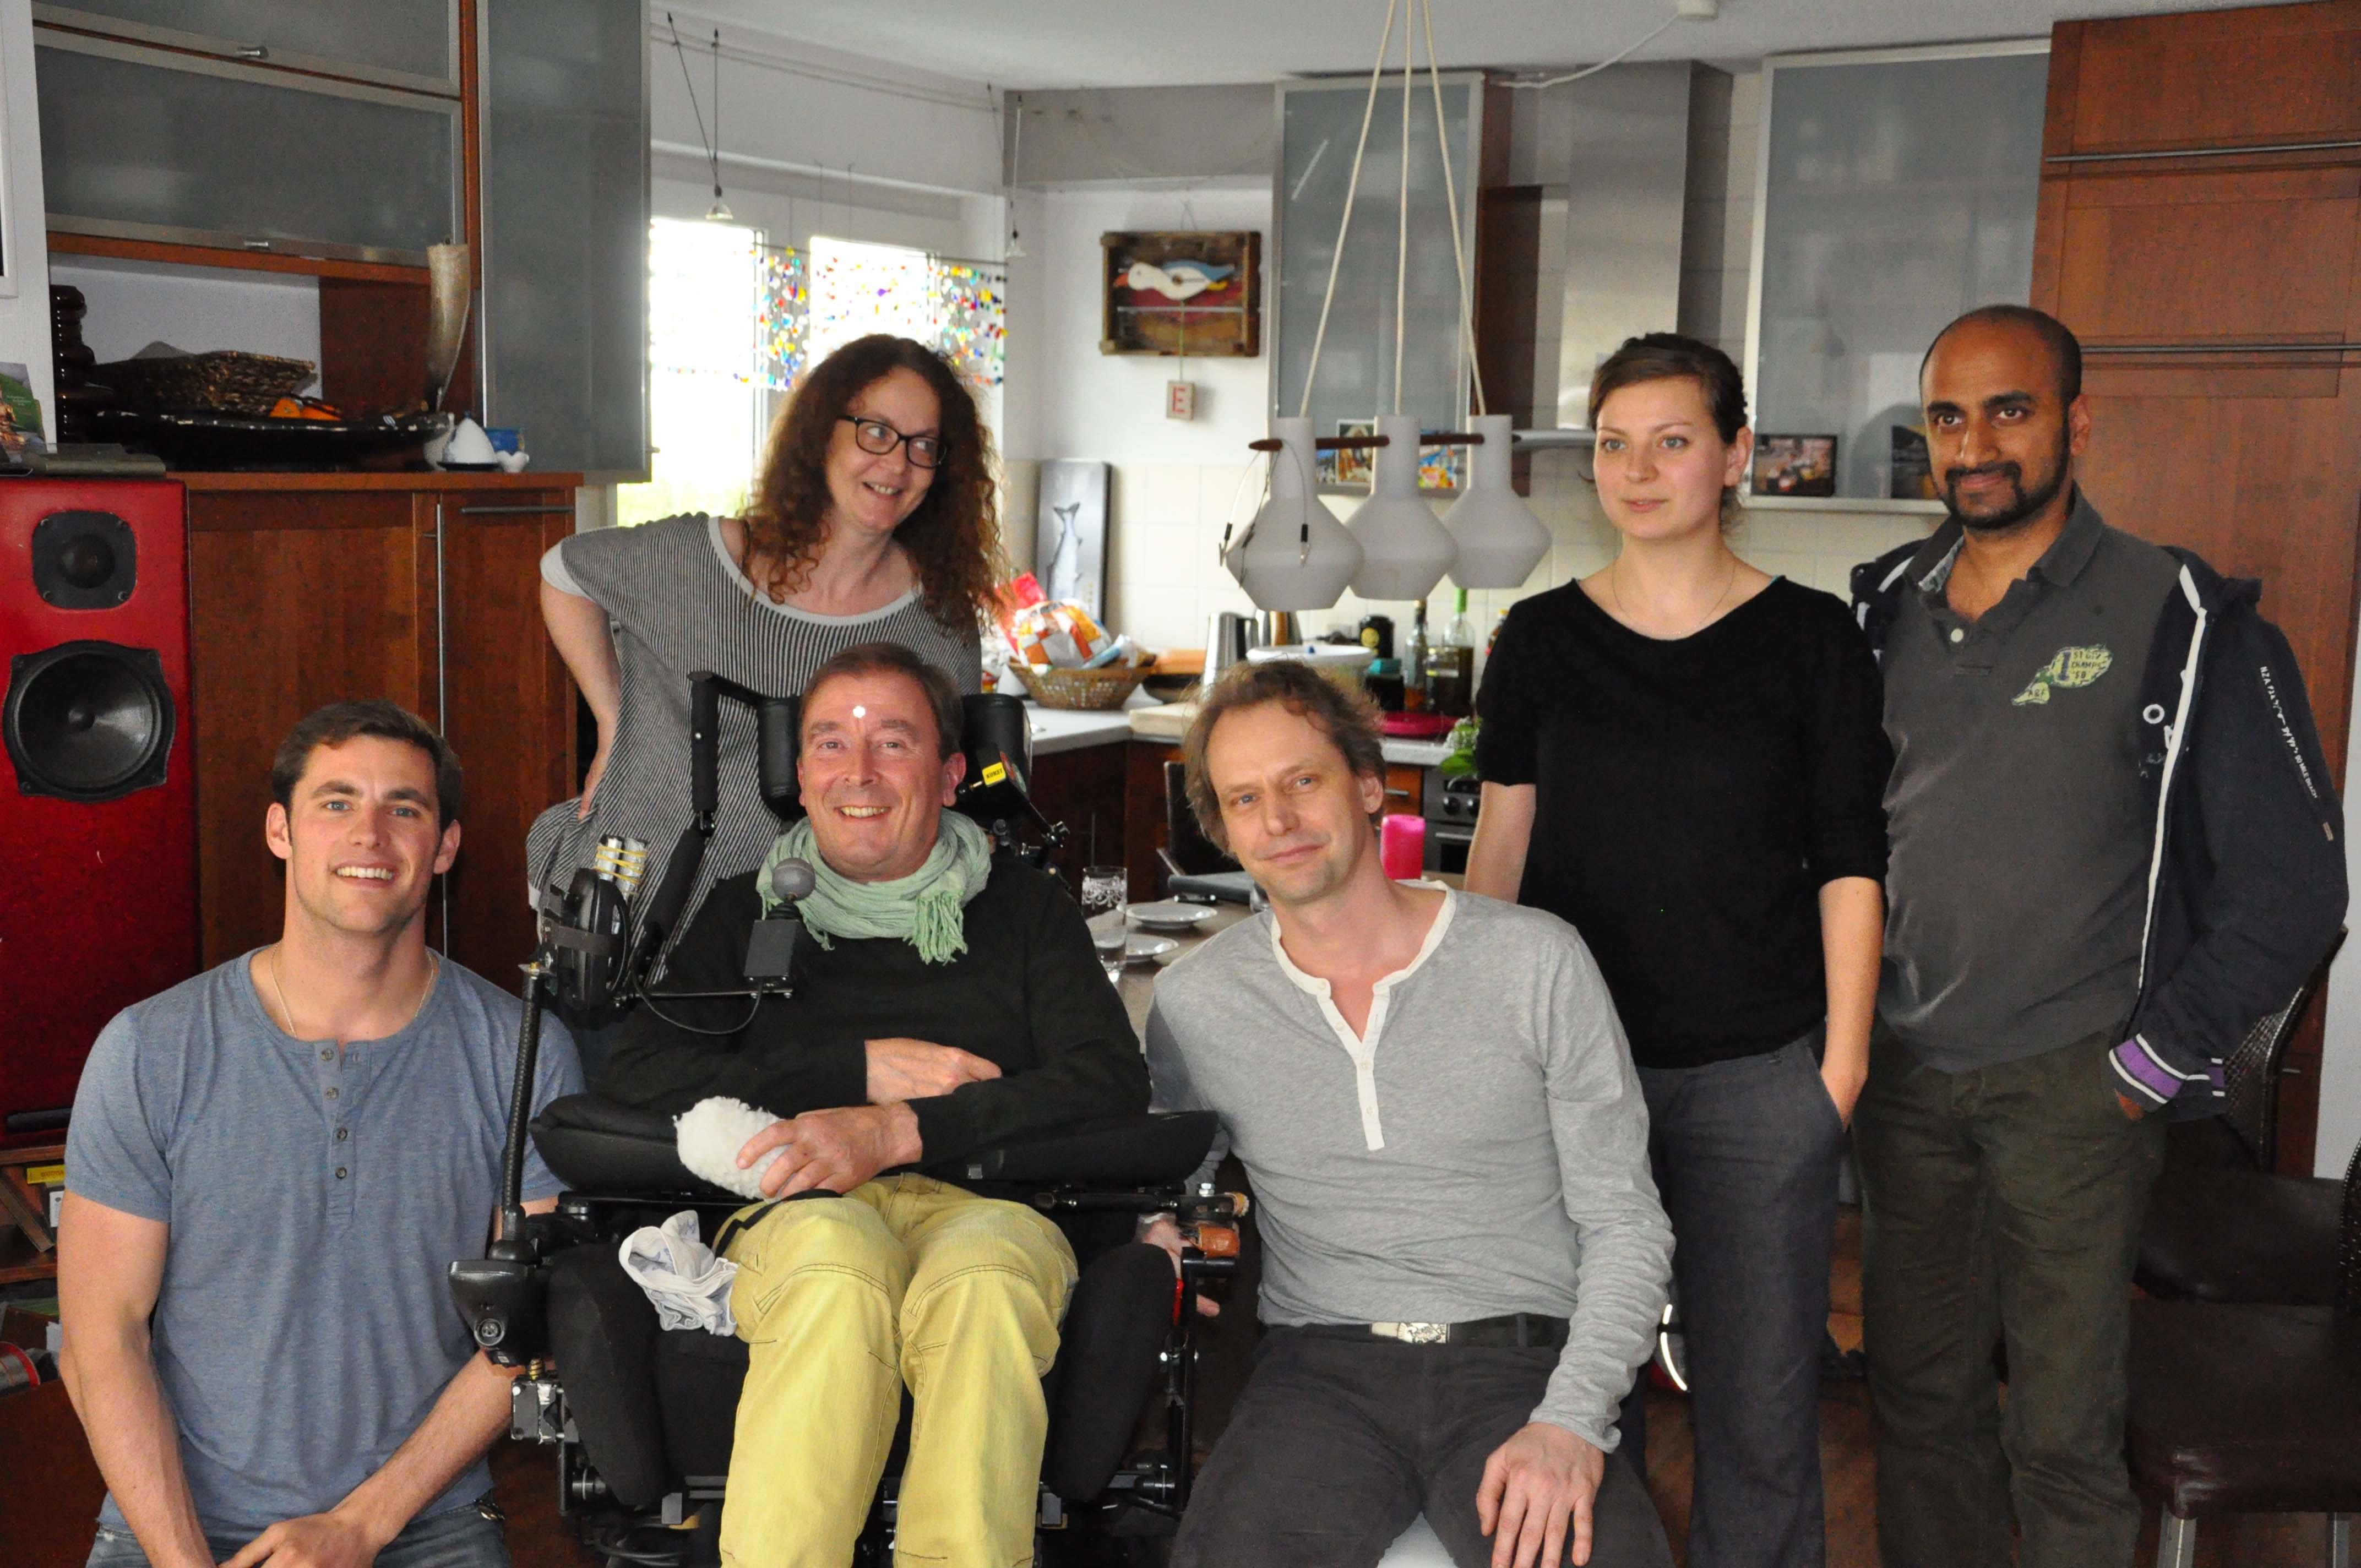 Regisseurin Uta Koschel mit ihren Schauspielern und in der Mitte Robert Pfriem